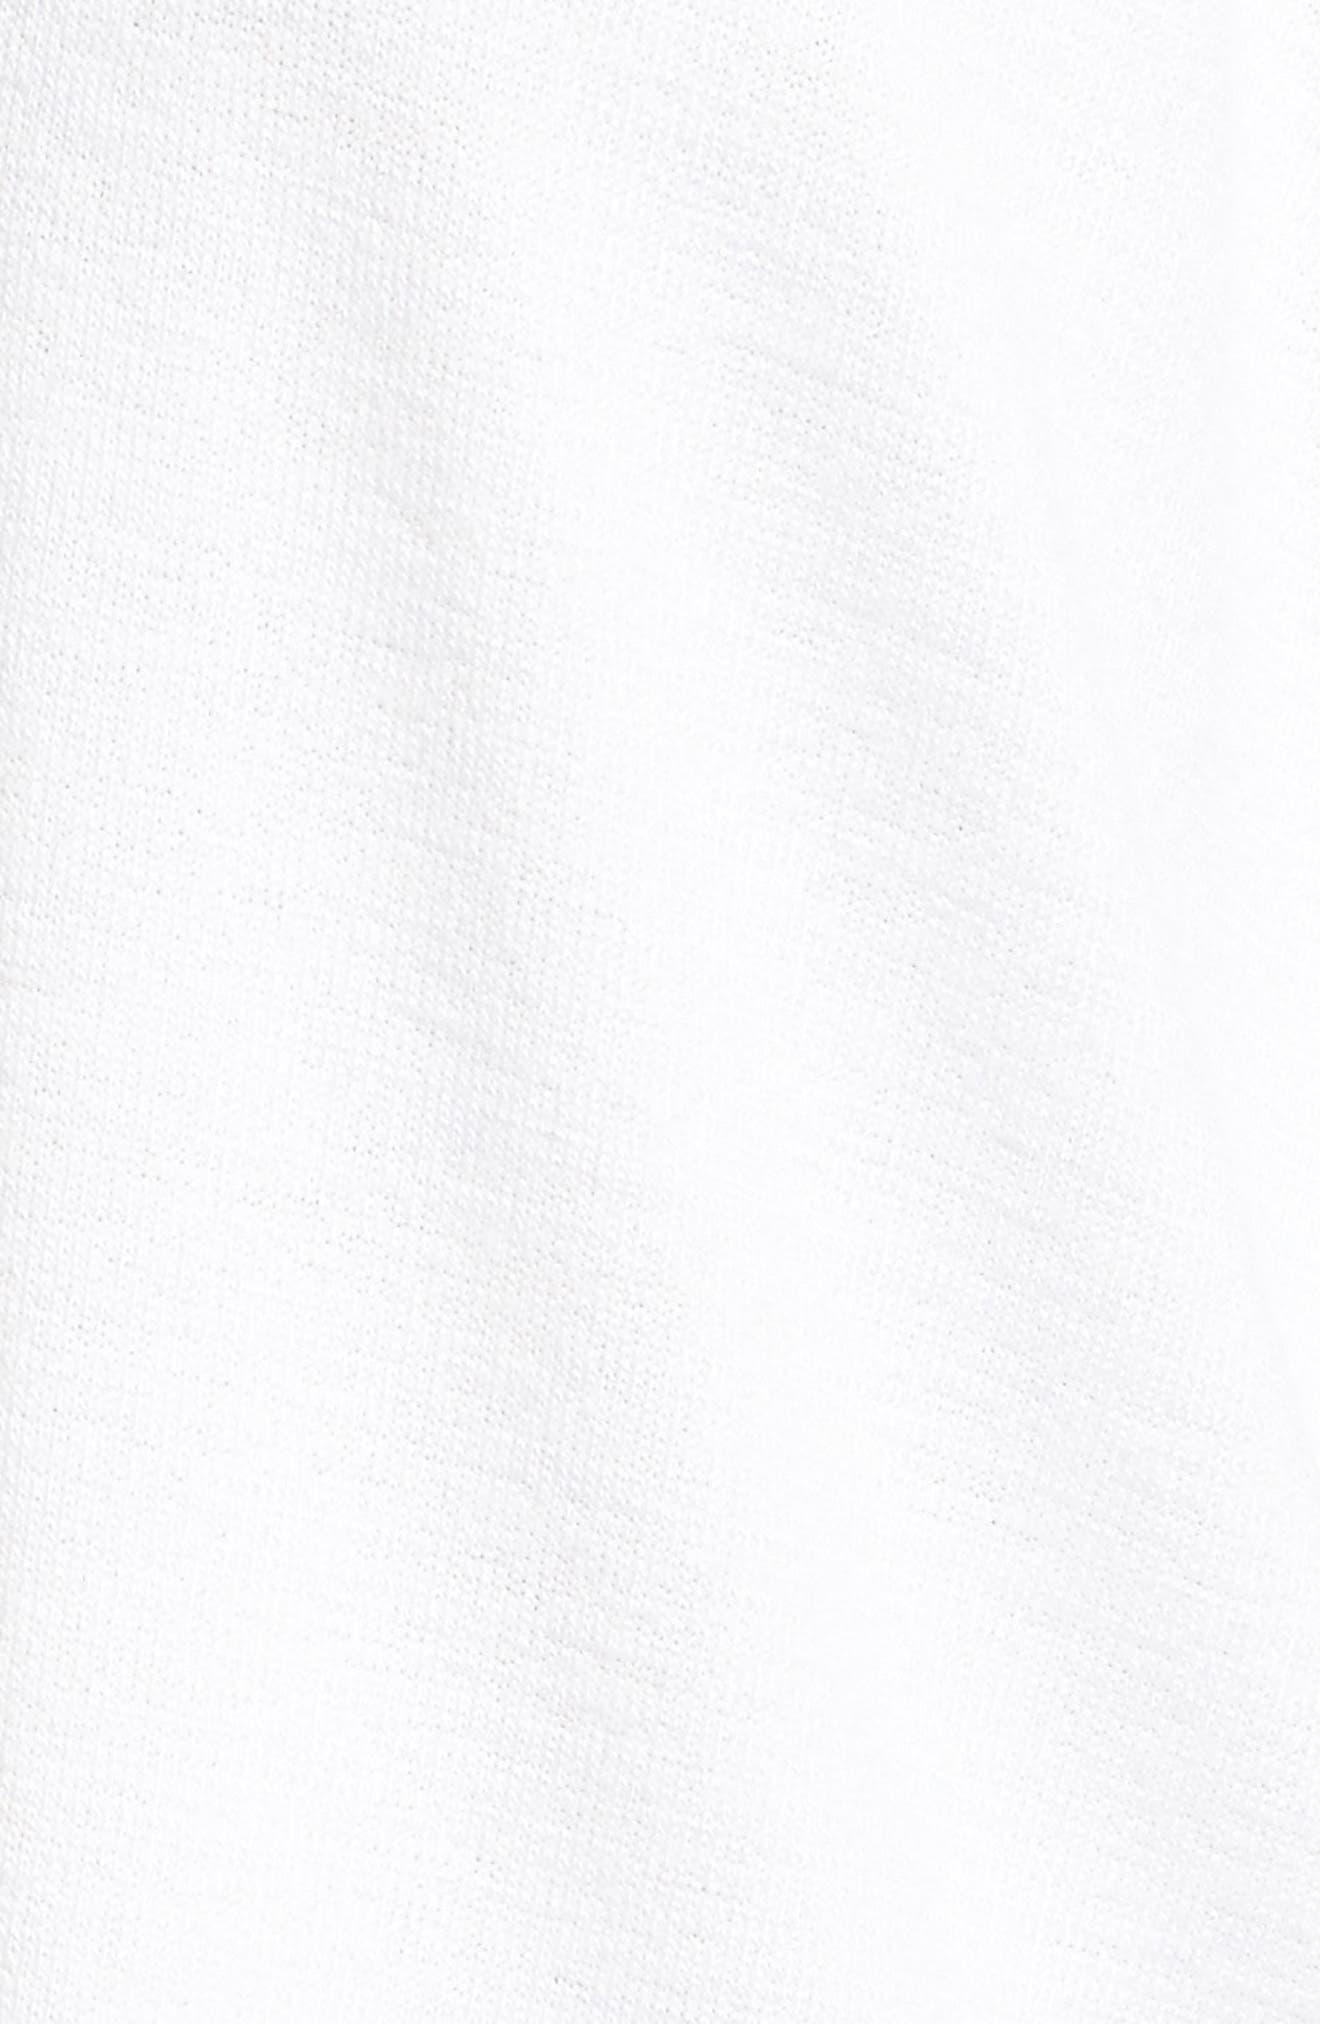 rag & bone Hudson Long Sleeve Tee,                             Alternate thumbnail 5, color,                             WHITE